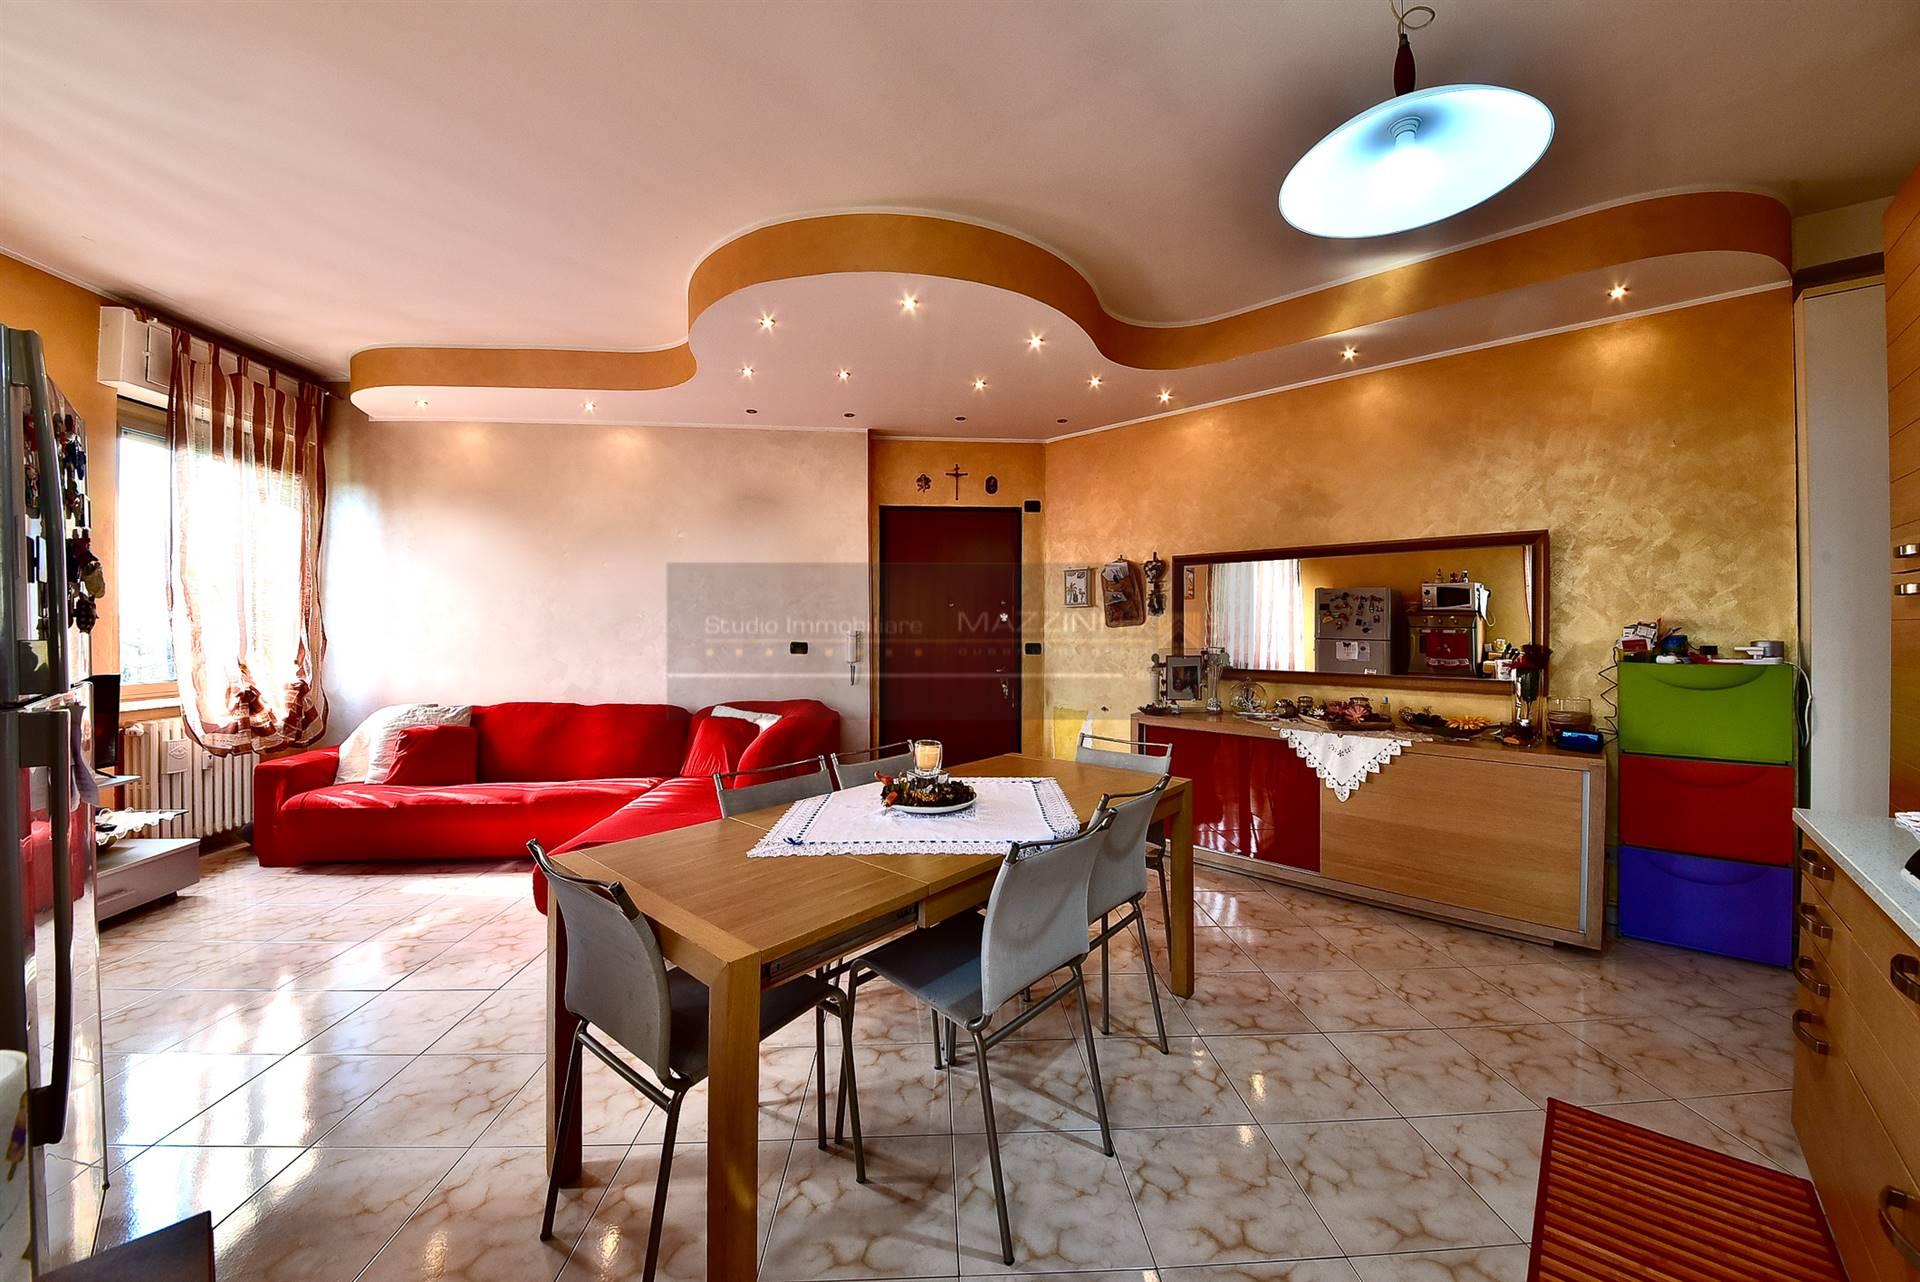 Appartamento in vendita a Cusano Milanino, 3 locali, zona Zona: Città Giardino di Milanino, prezzo € 145.000   CambioCasa.it